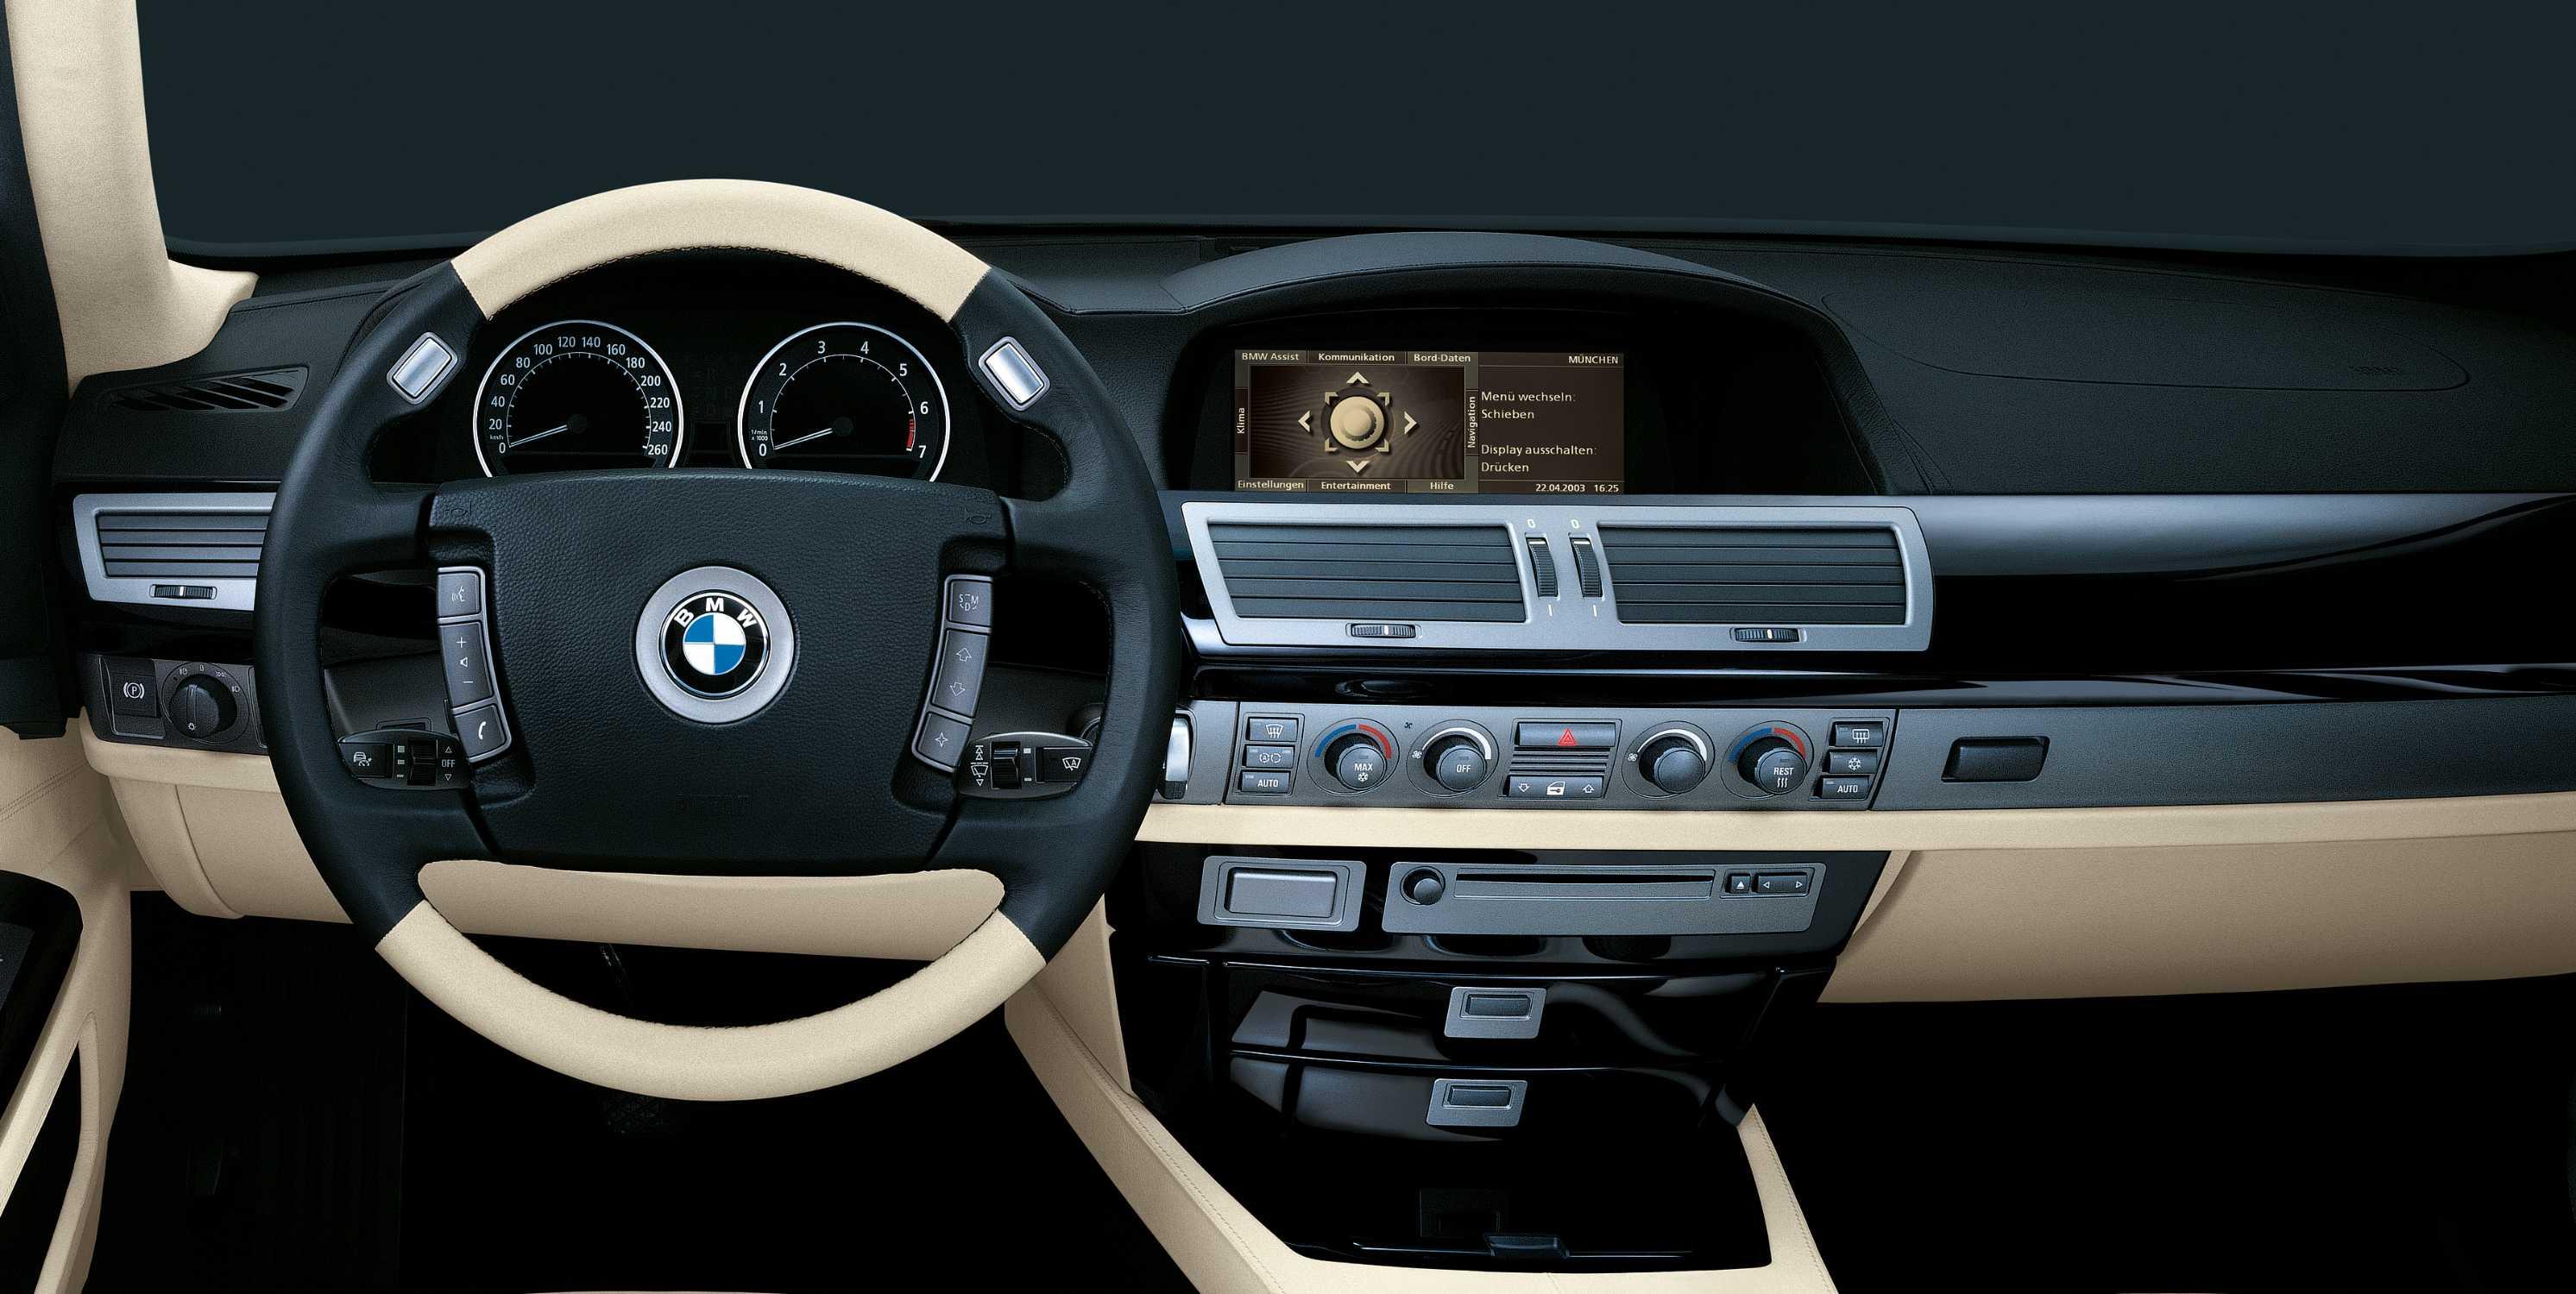 2015 Bmw 3 Series >> BMW 7er Individual - 4. Generation BMW 7er, E65/E66 (06/2015).